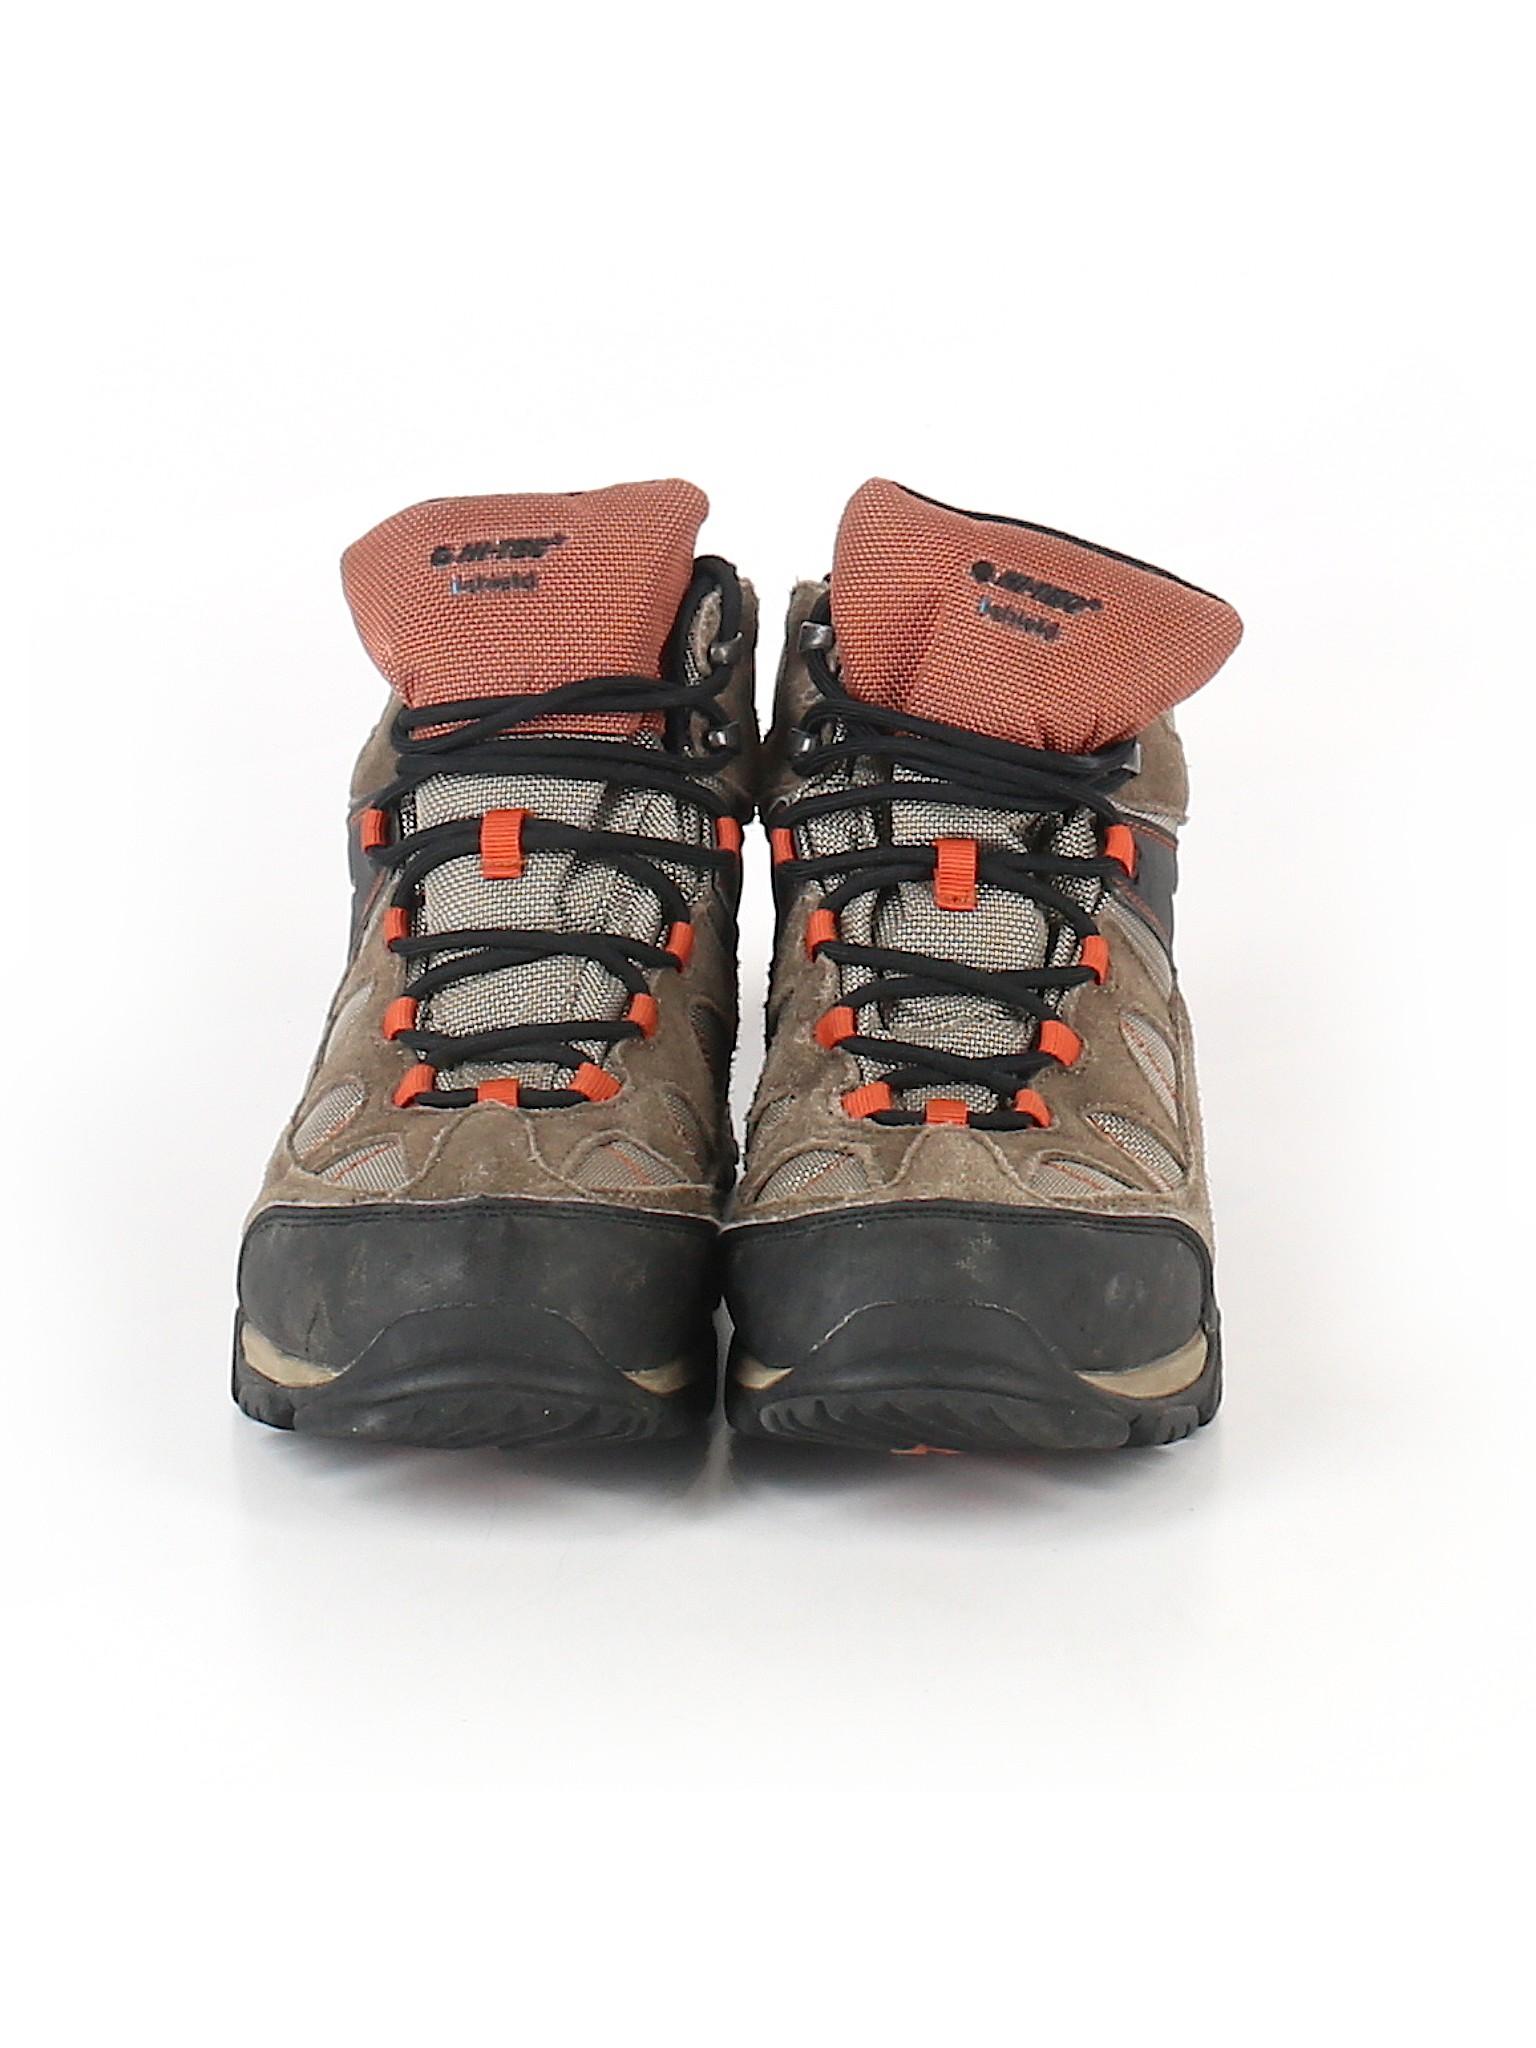 Boots Ankle Hi Boutique promotion Tec 8xP68nZX